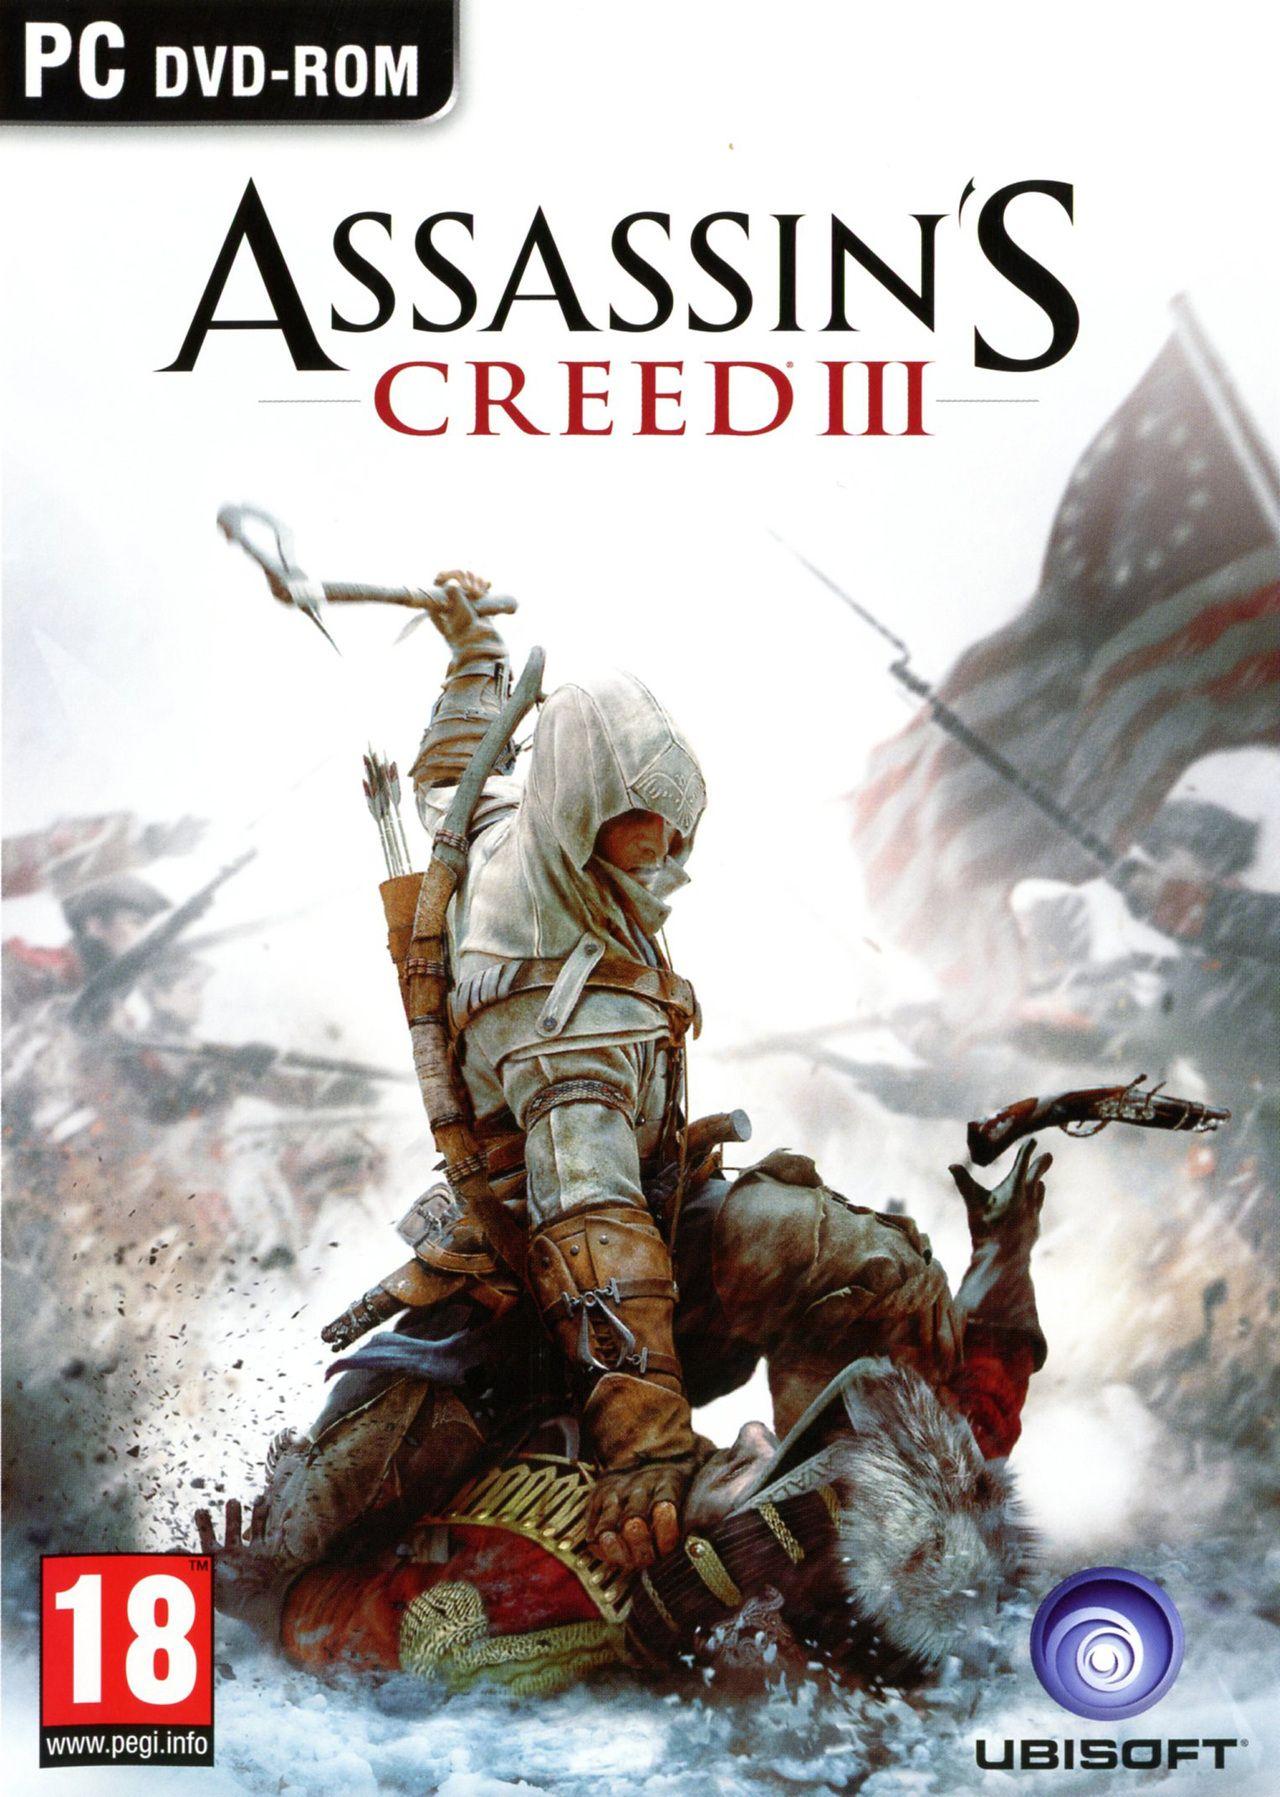 watch assassin s creed 2016 online dvd movie putlocker watch